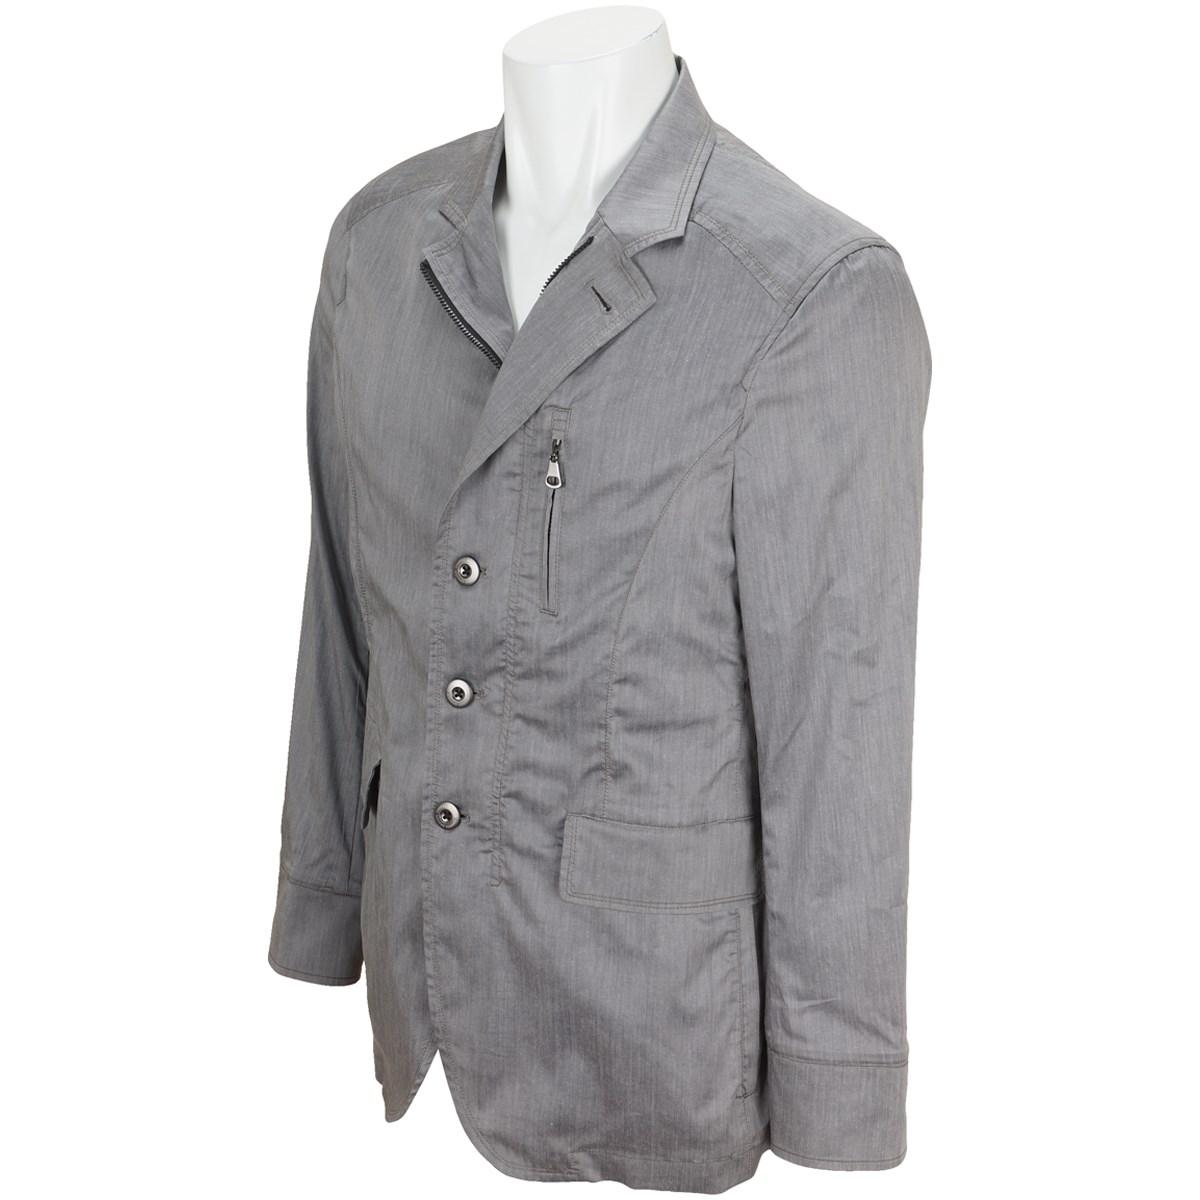 チャーリーブレイバー ウエザーライクラフィットフロントジップジャケット